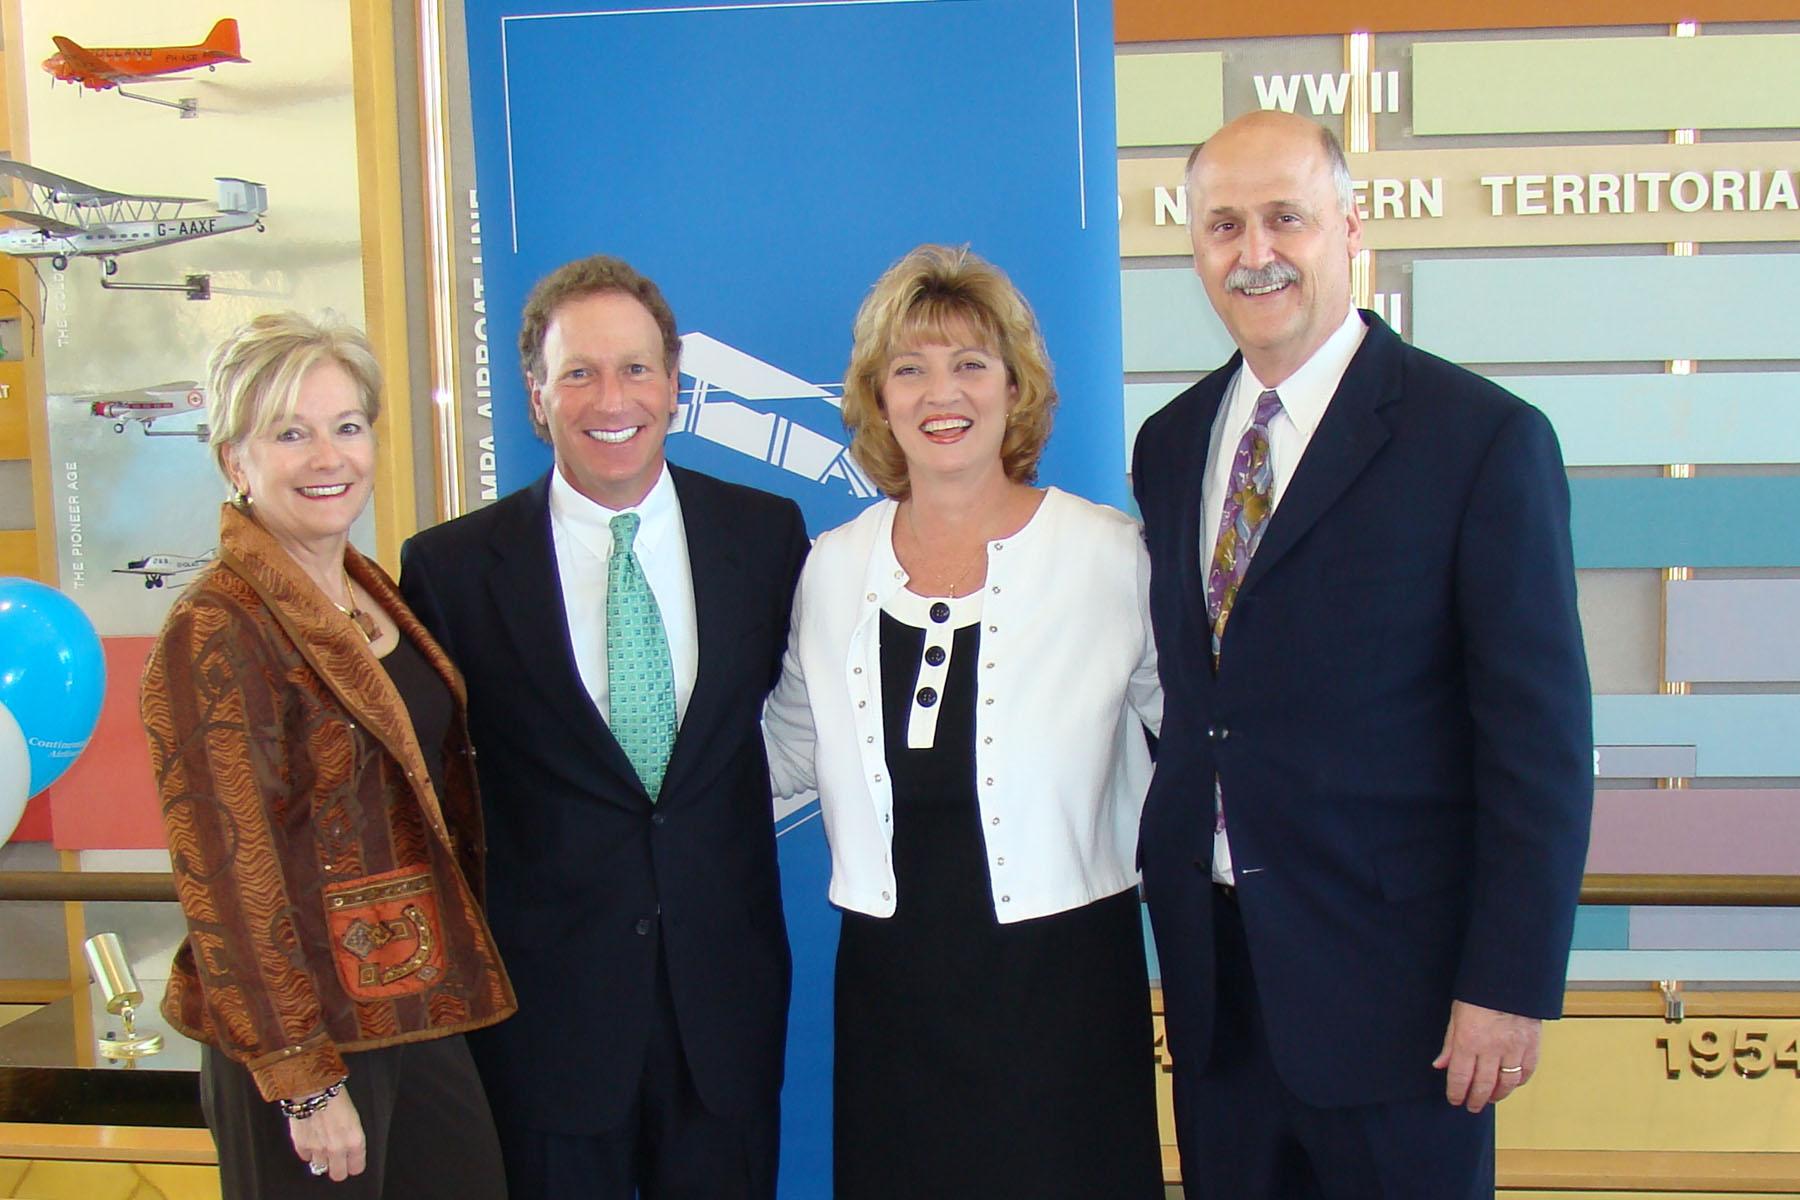 Bonnie Reitz, David Hilfamn, Colleen Picard & Rich Lisser @ SPMOH - 2, 27 Mar '08.jpg